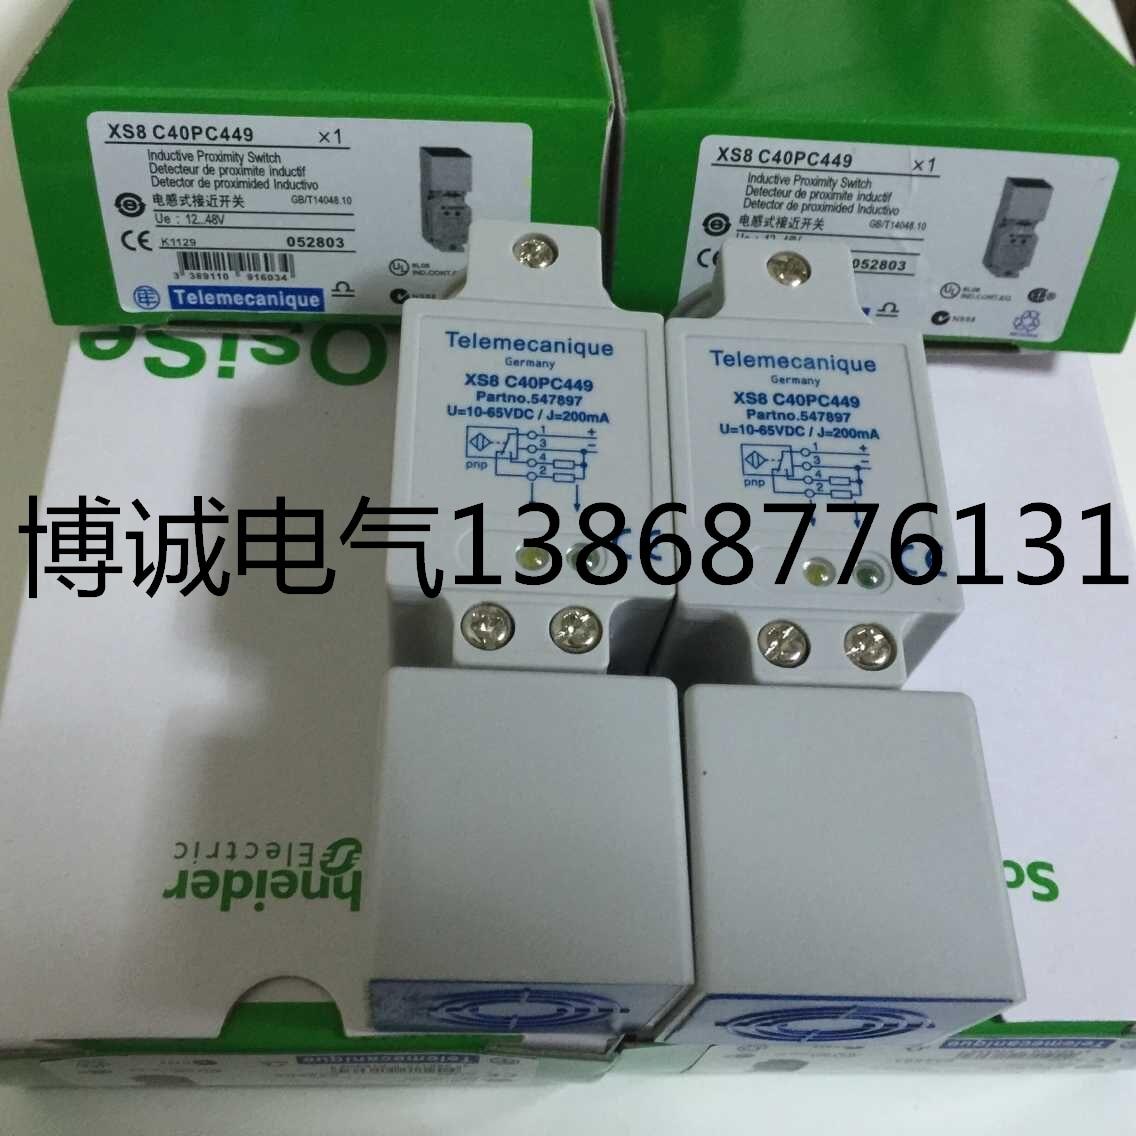 Nouvelle garantie d'origine XS8C40PC449 XS8-C40PC449 pour deux ans